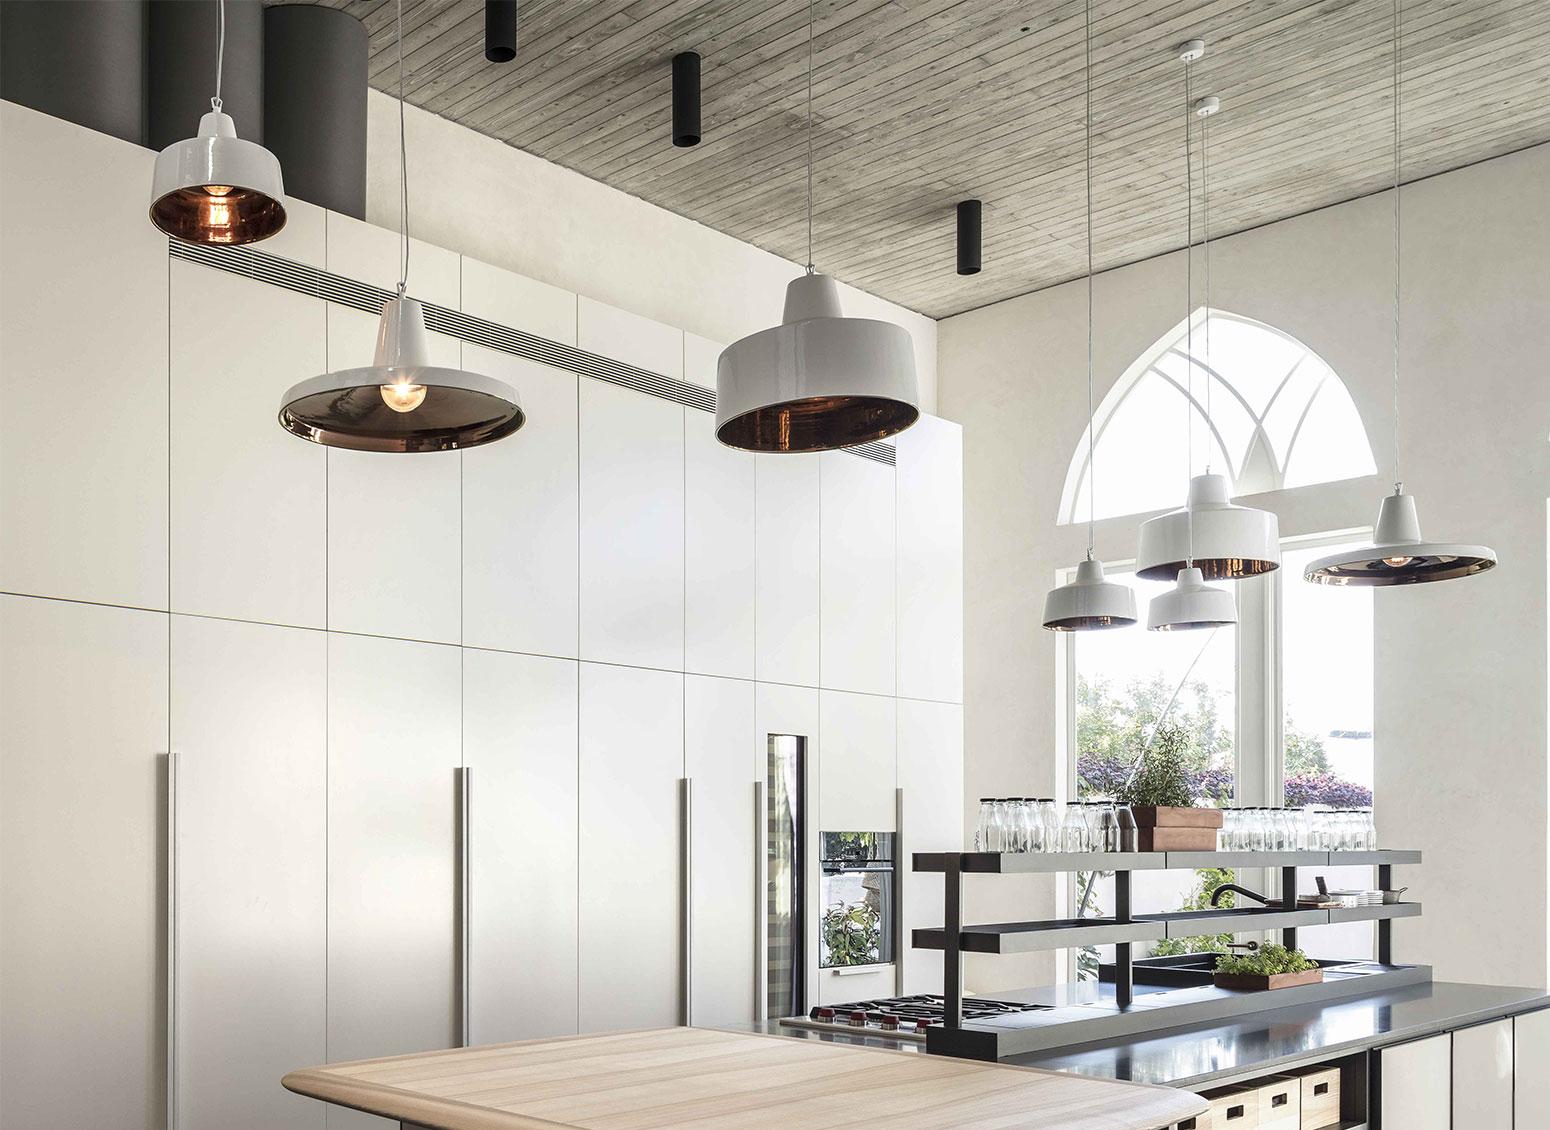 Illuminazione Piano Lavoro Cucina come illuminare un piano cottura per la cucina: i consigli